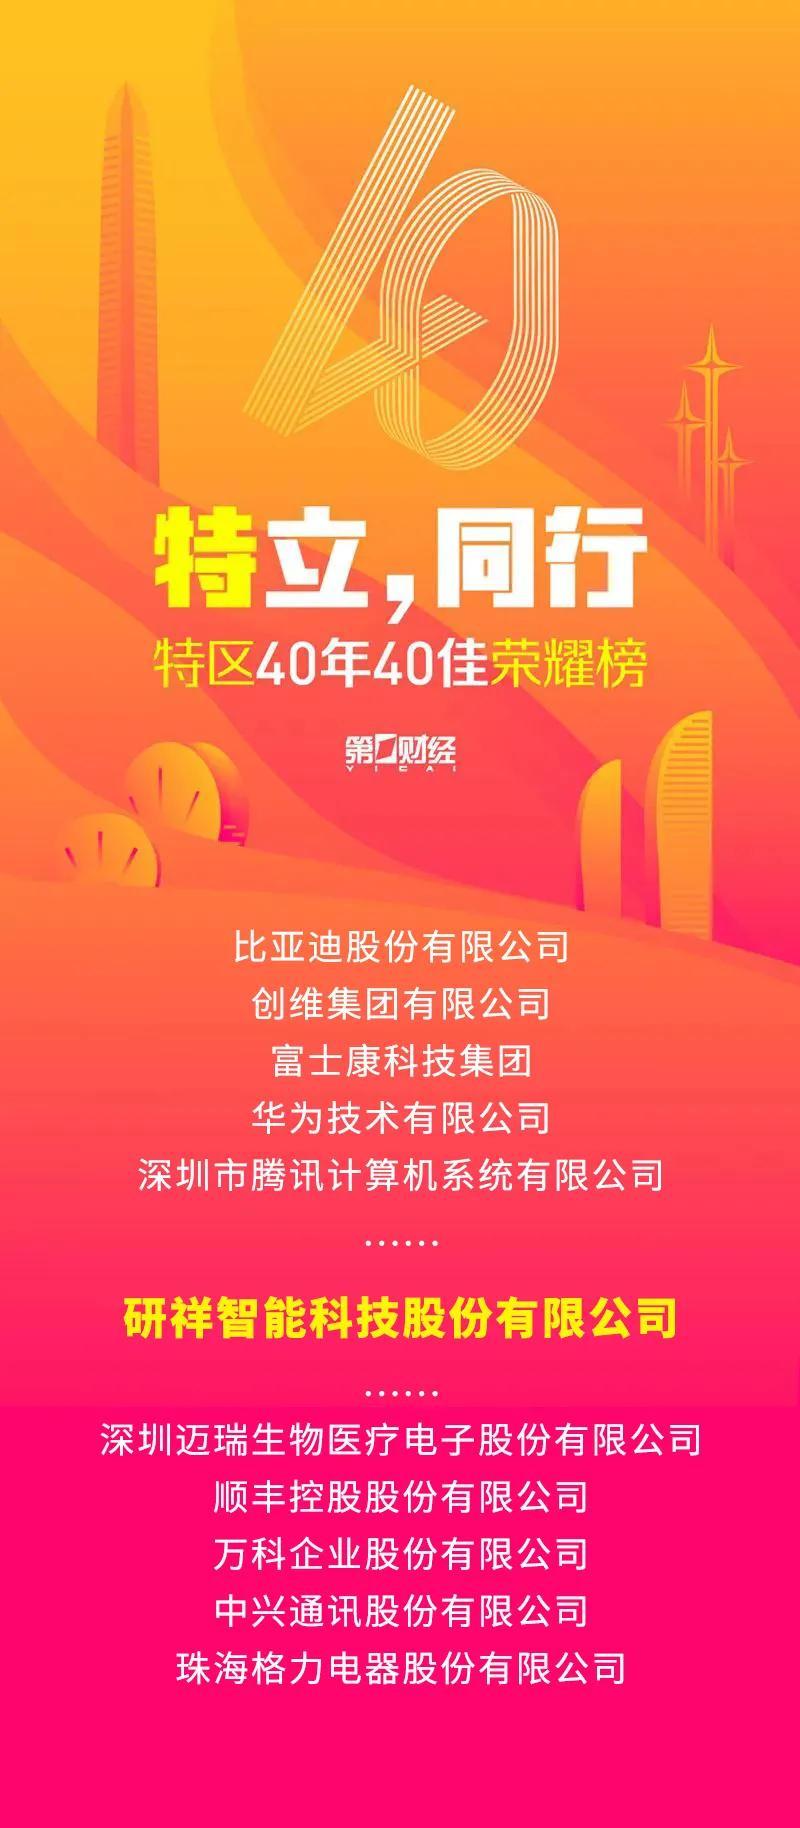 深圳特区40周年,研祥入选荣耀榜单